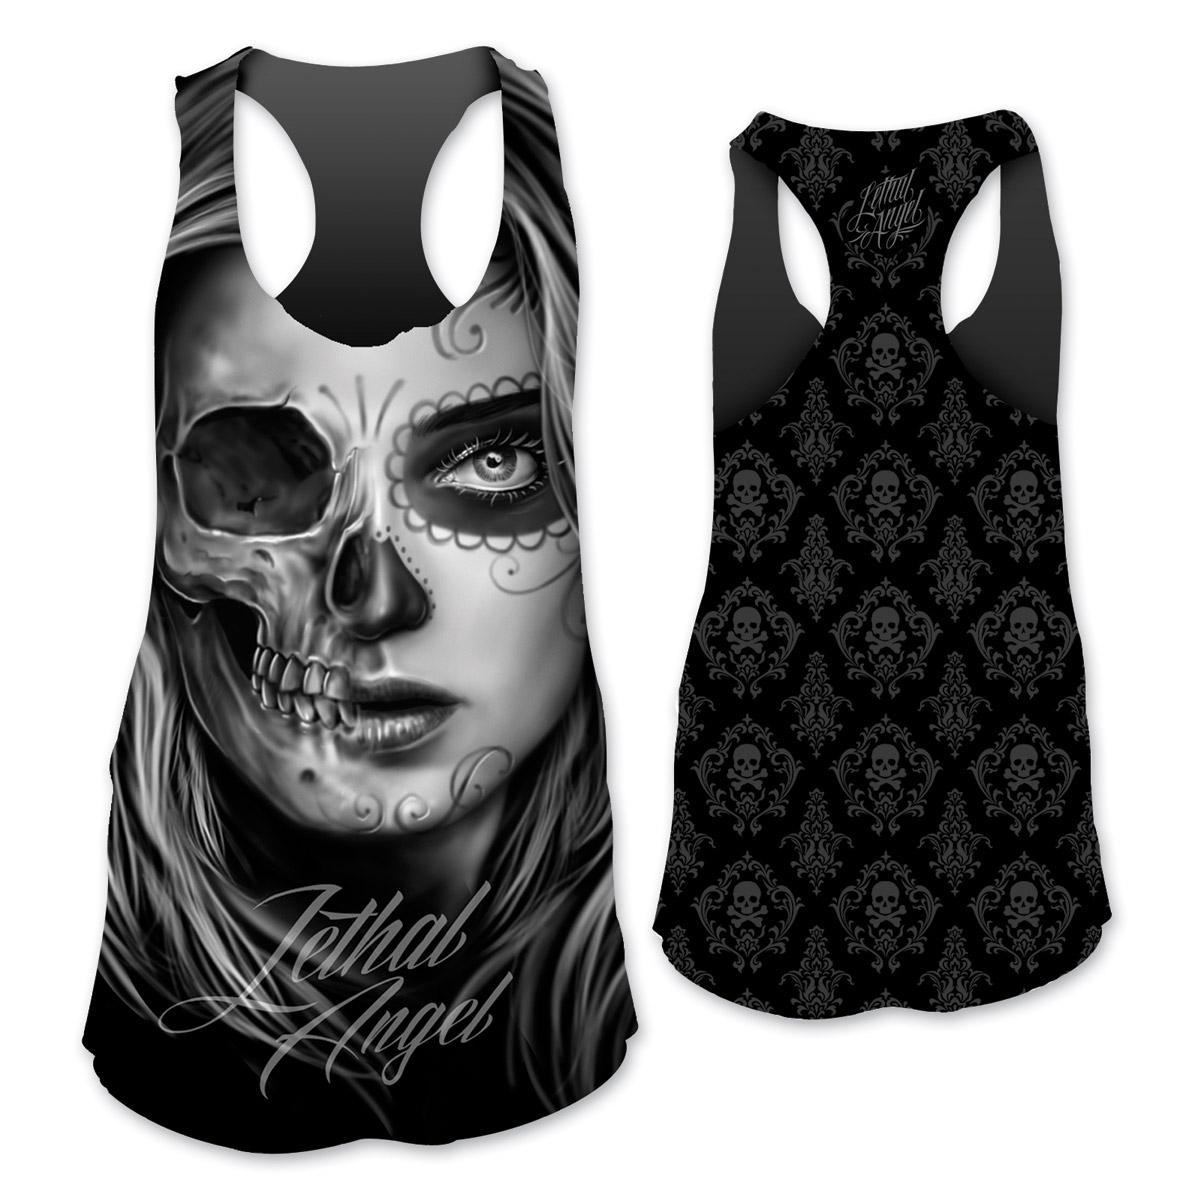 Lethal Angel Women's Half D.O.D. Skull Sublimated Black Tank